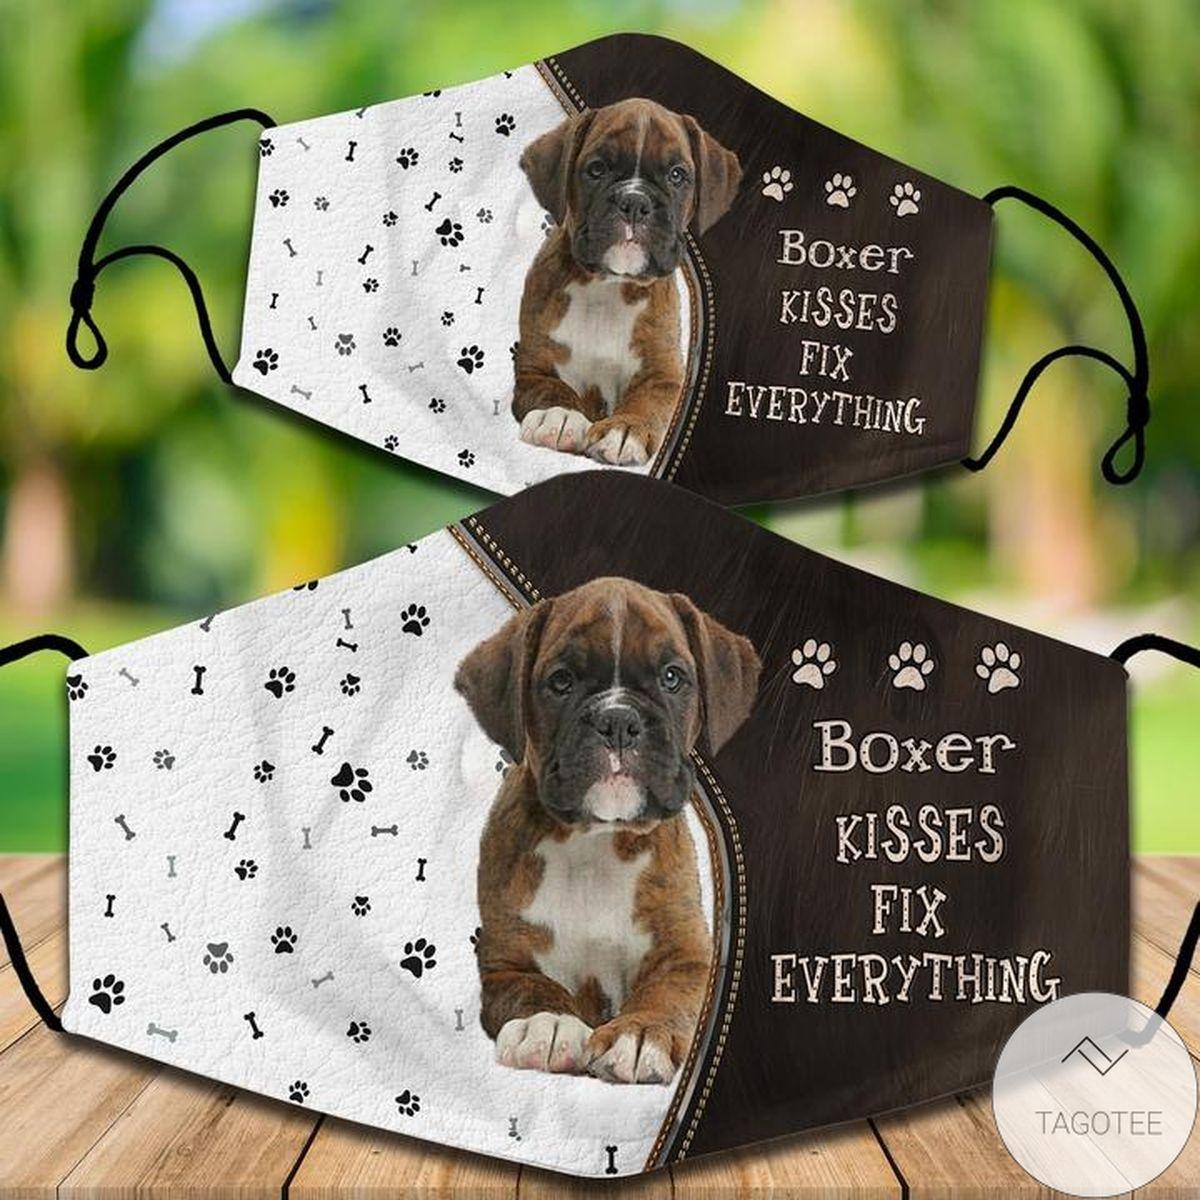 eBay Boxer Kisses Fix Everything Pillowcase